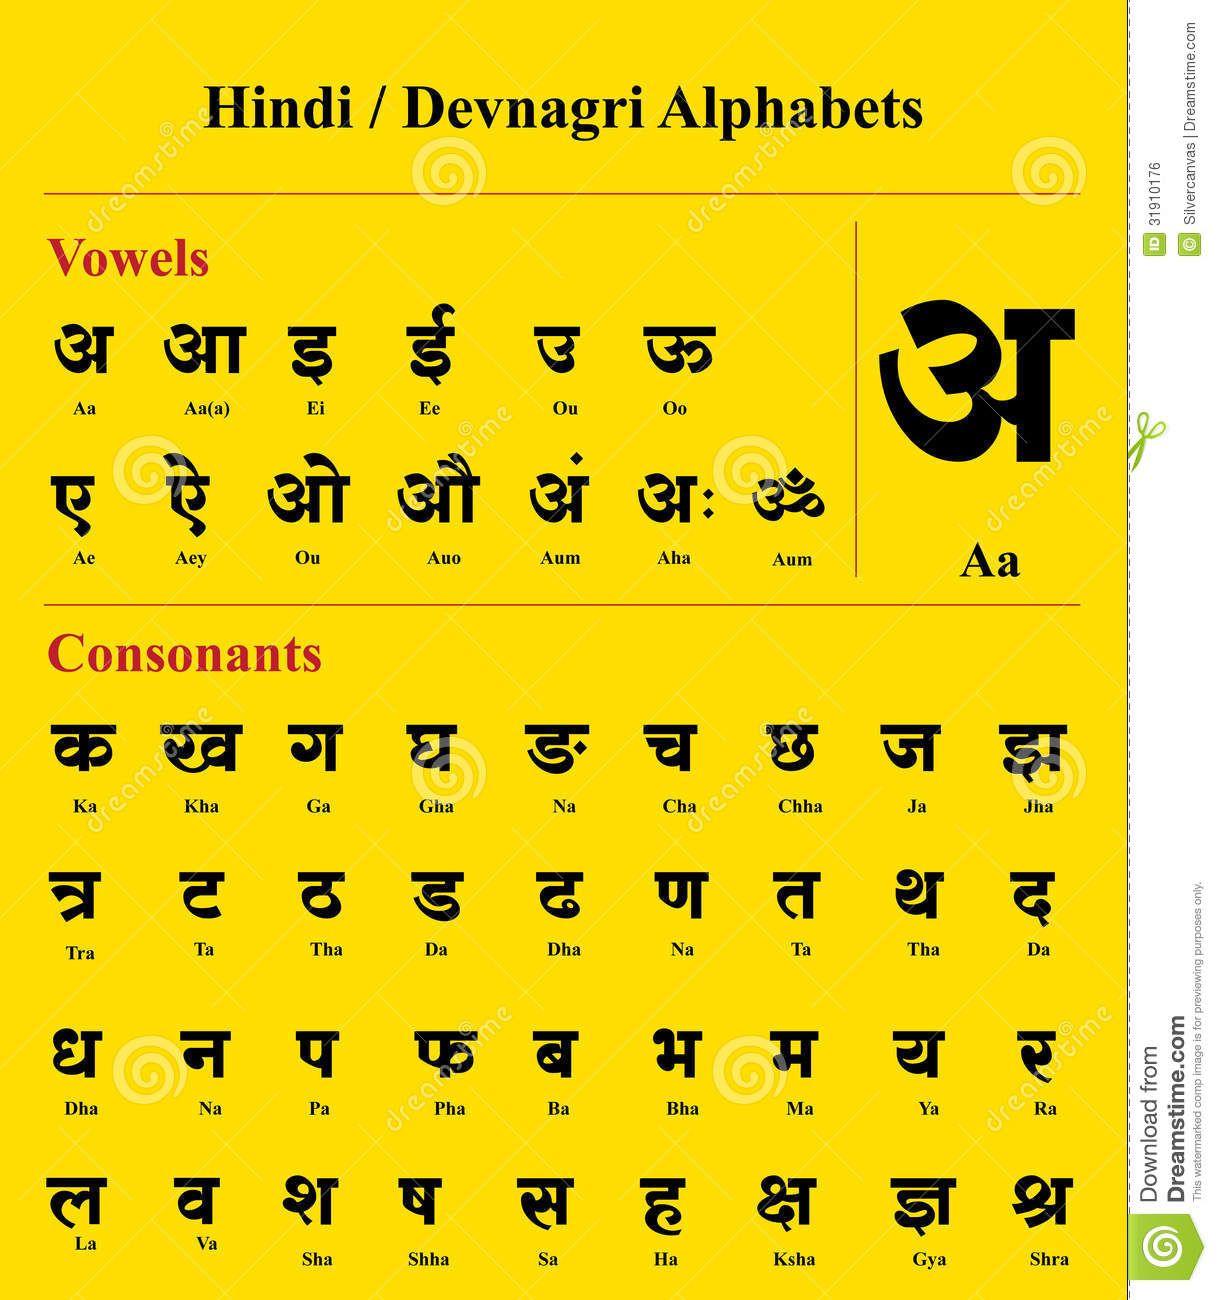 hindidevnagarialphabetdevanagarienglishtranslation